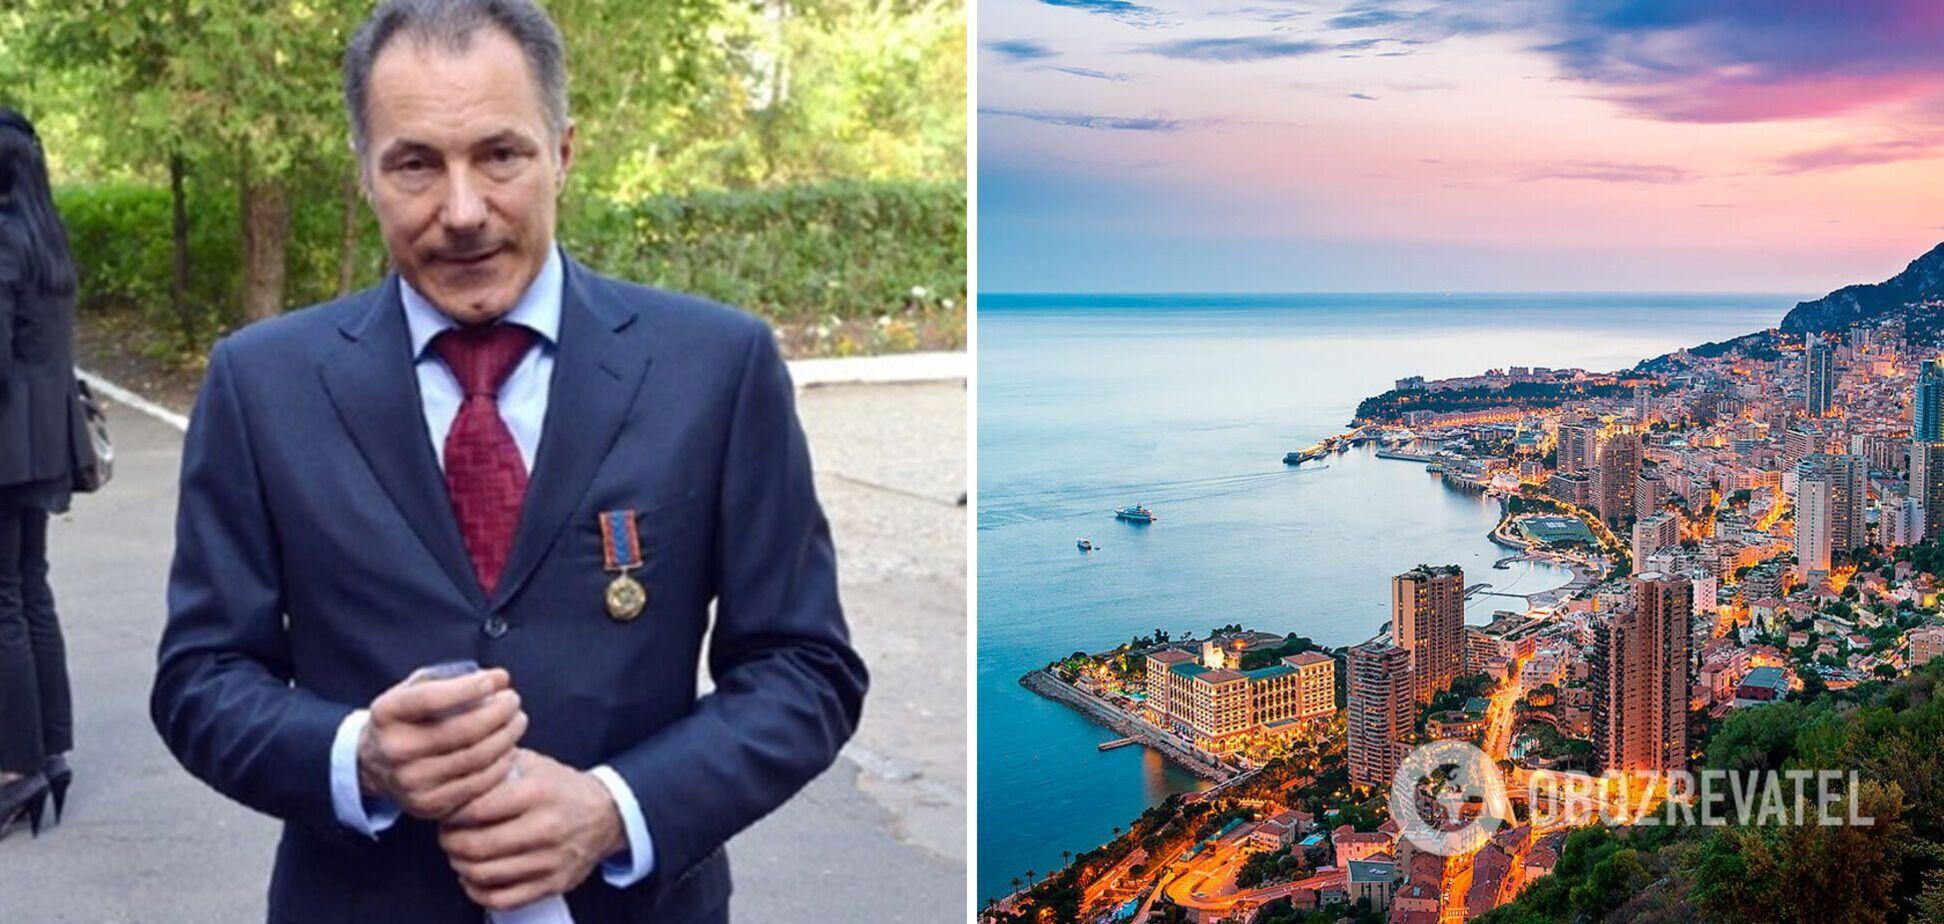 Суд залишив Рудьковського під цілодобовим домашнім арештом: раніше він засвітився в Монако